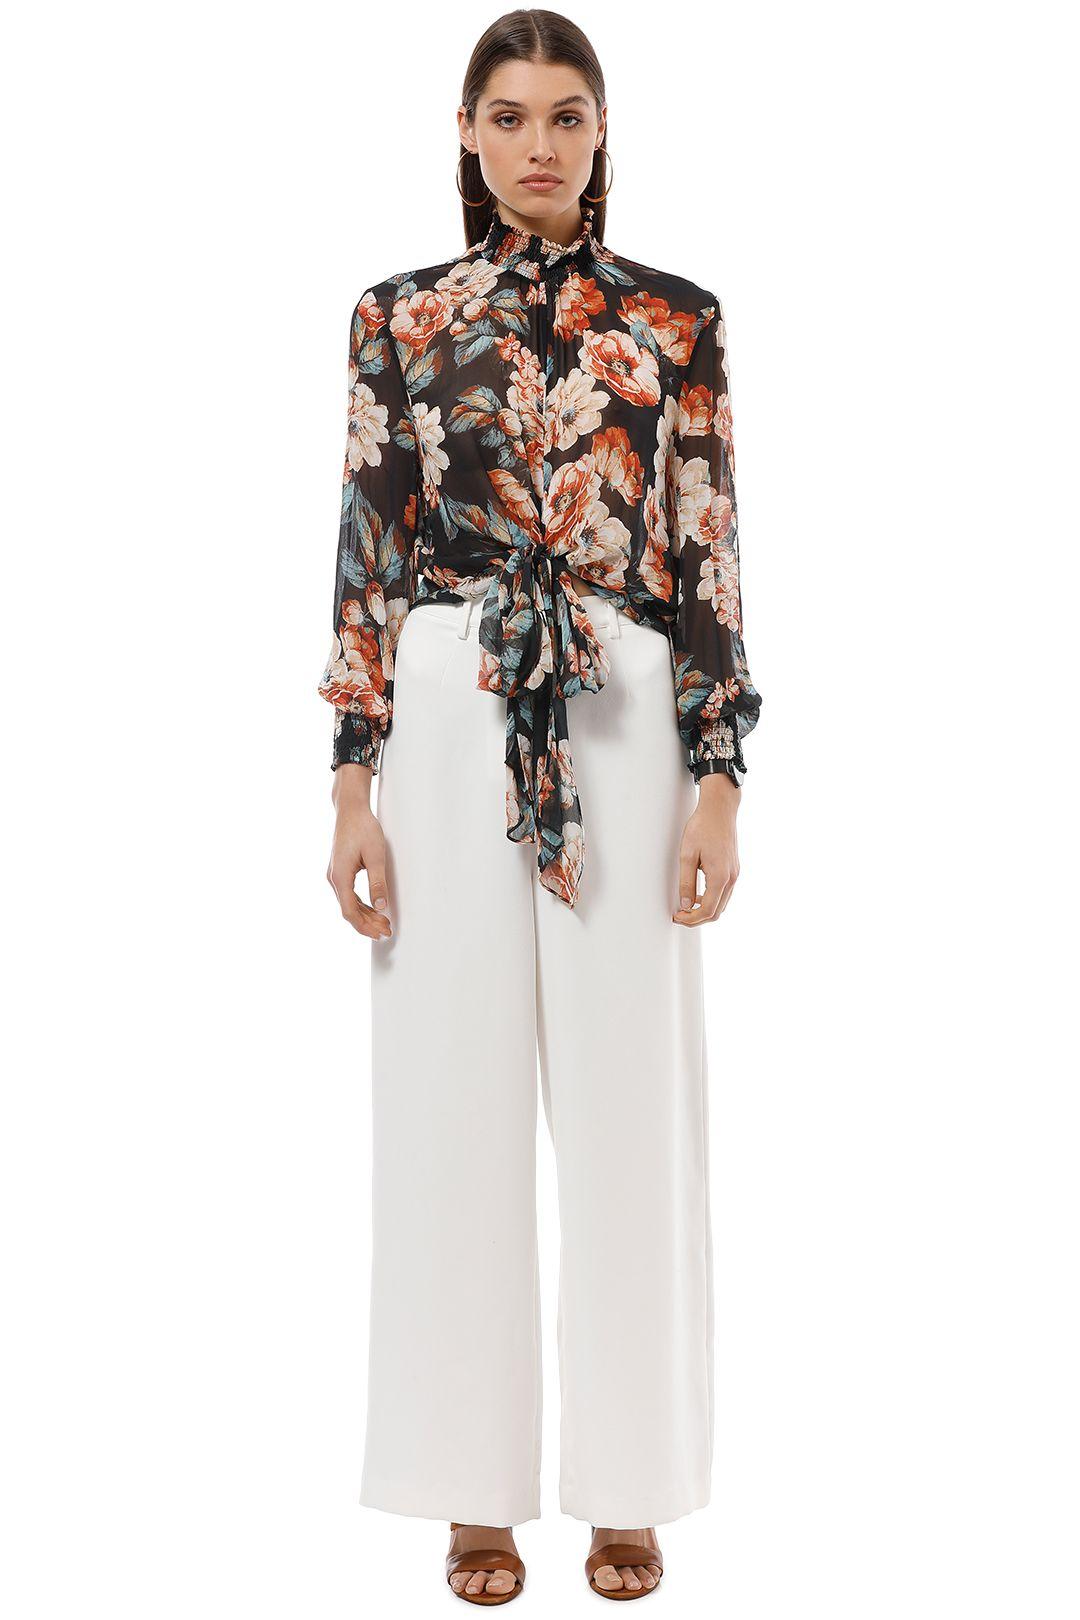 Nicholas The Label - Lola Floral Tie Front Top - Black Floral - Front